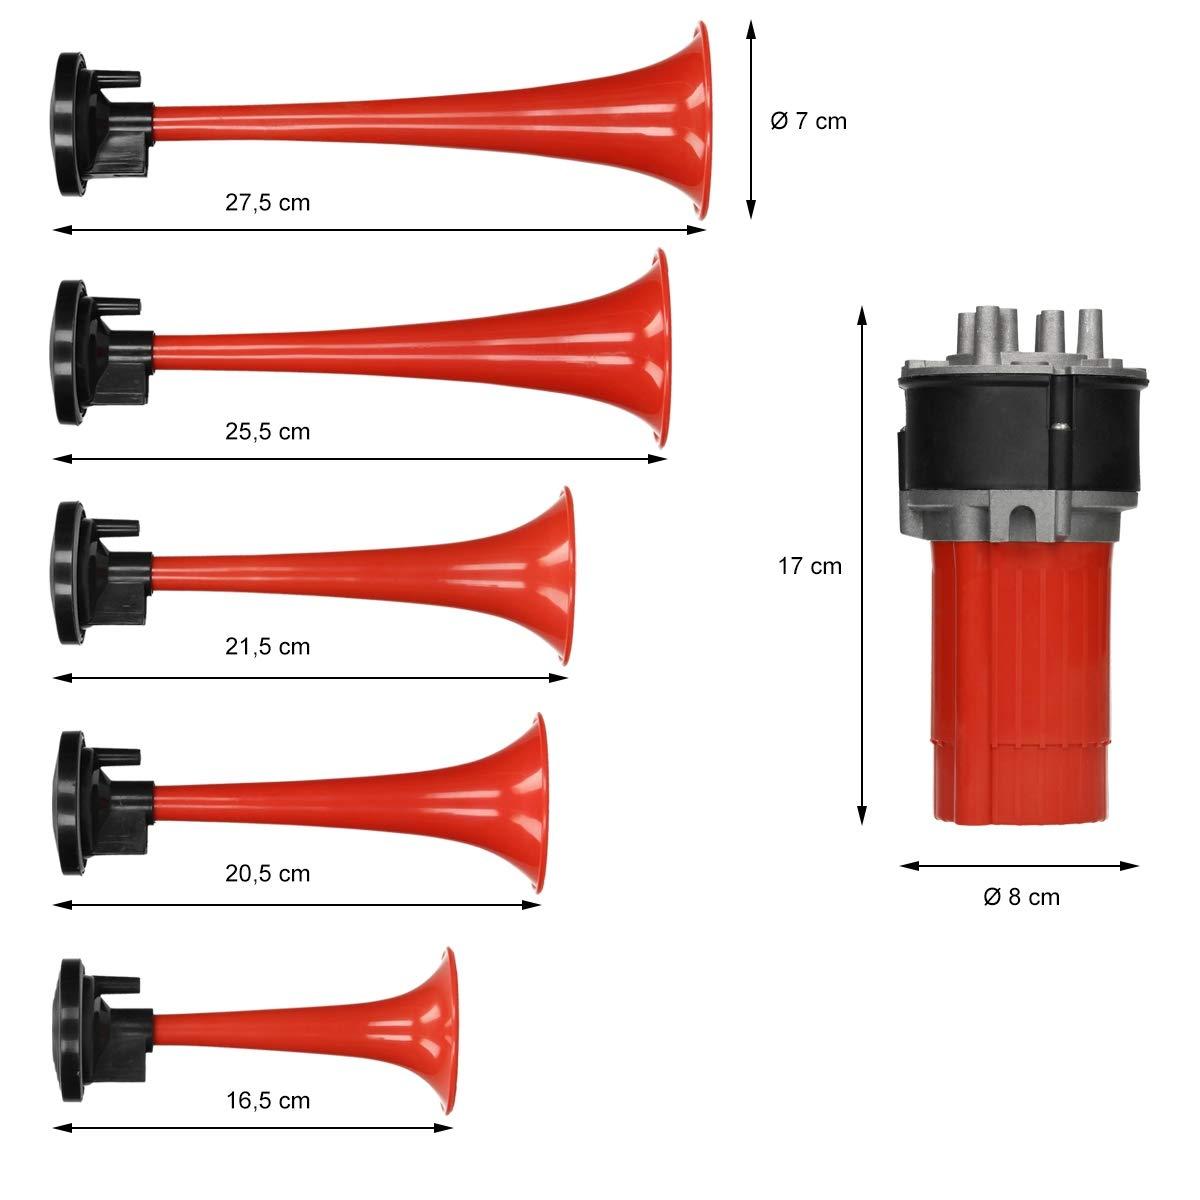 trompette horn avec compresseur pour v/éhicules ECD Germany 5 pcs 12V Klaxon Dixie /à air camions pour voitures bateaux 125 dB